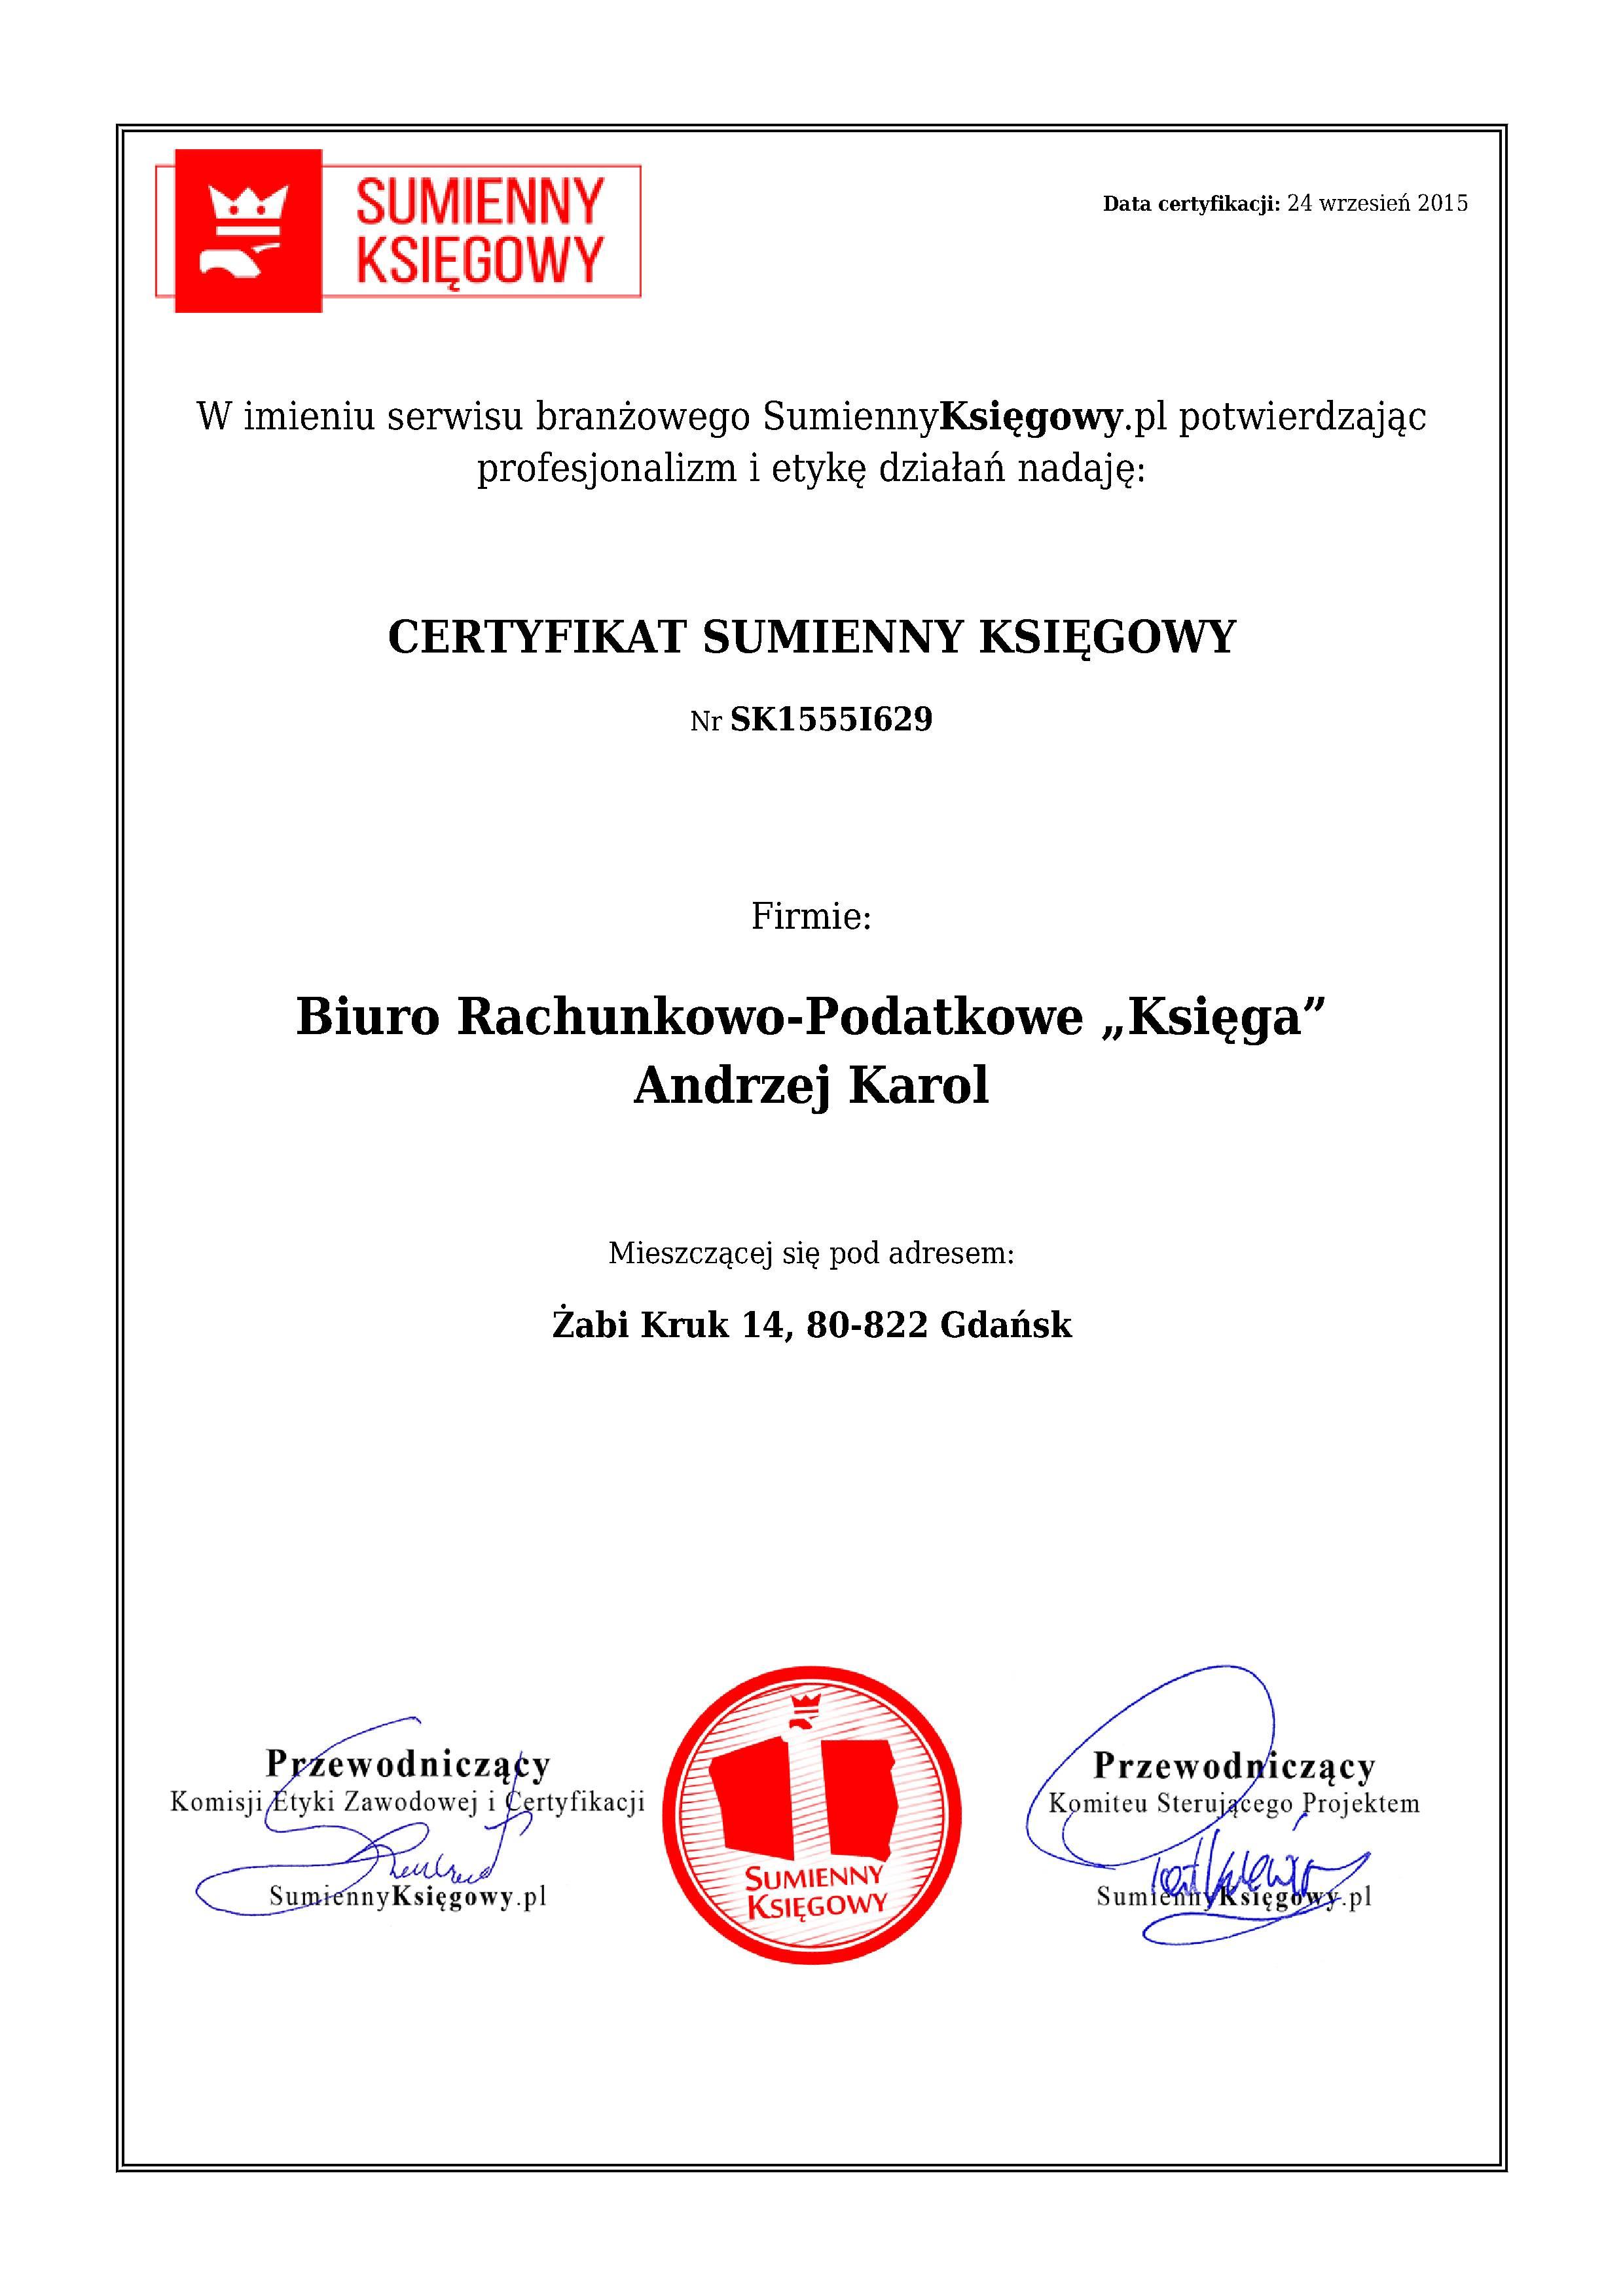 """Certyfikat Biuro Rachunkowo-Podatkowe """"Księga"""" Andrzej Karol"""